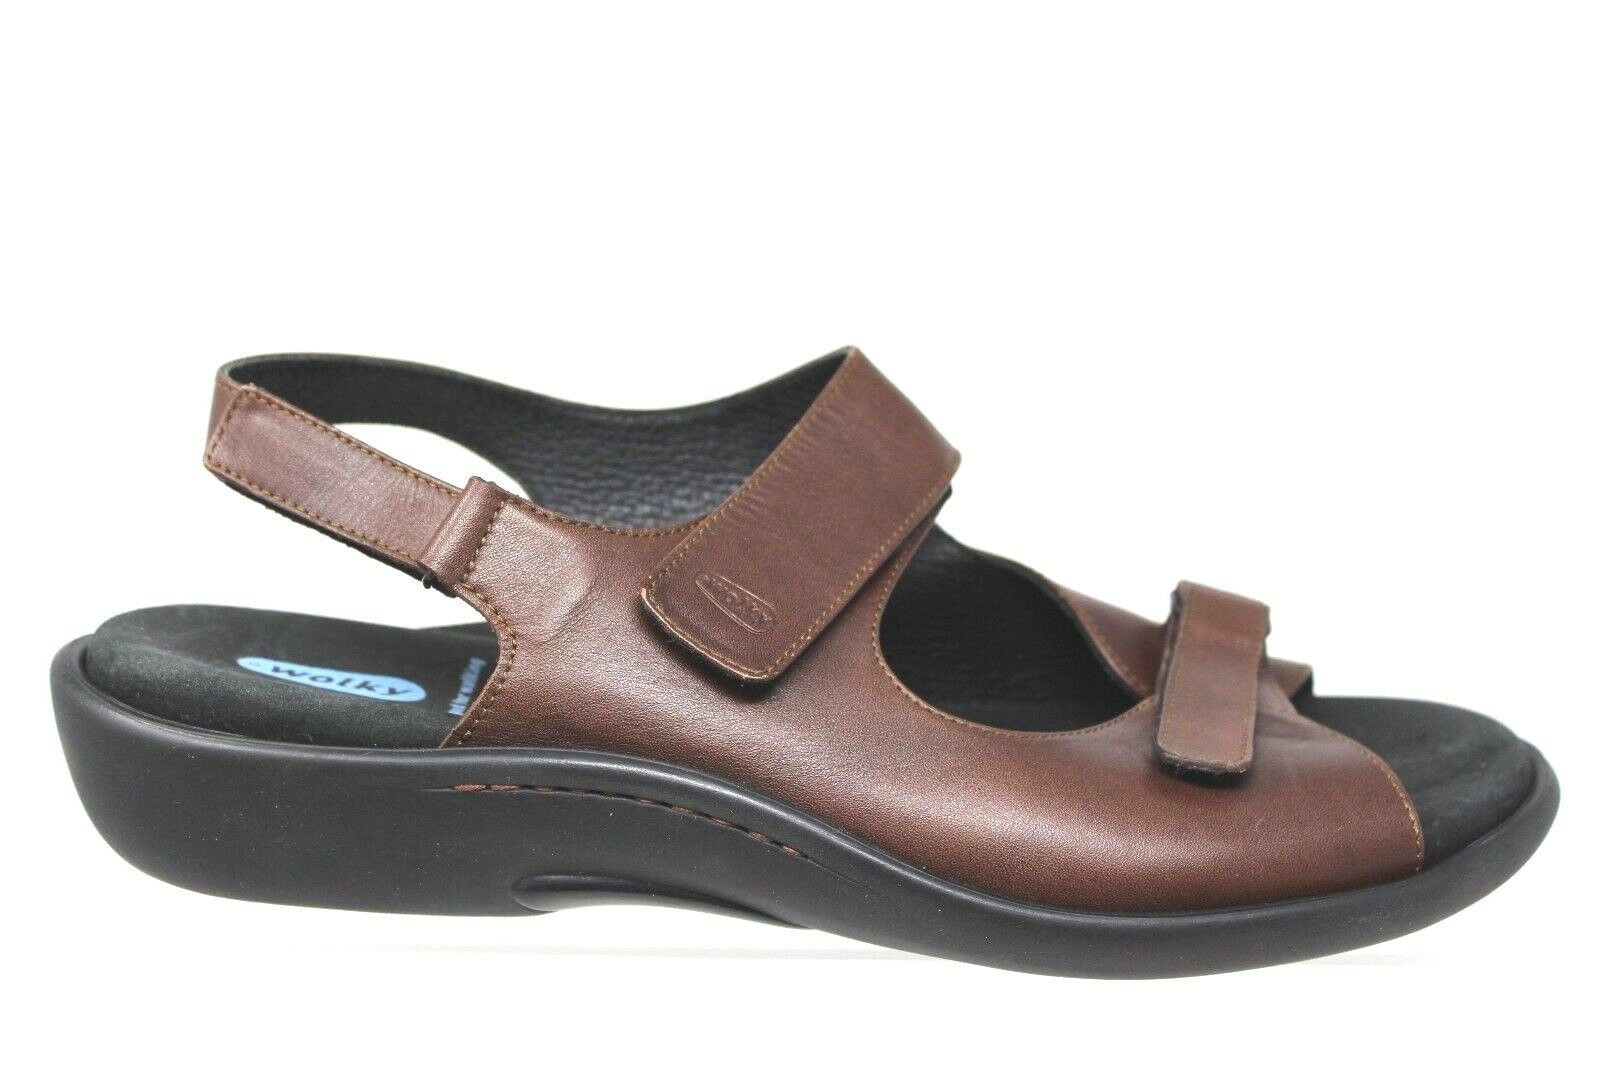 Wolky Marronee Leather Walking Sandal scarpe scarpe scarpe Uomo US 9.5 EUR 43 e43693